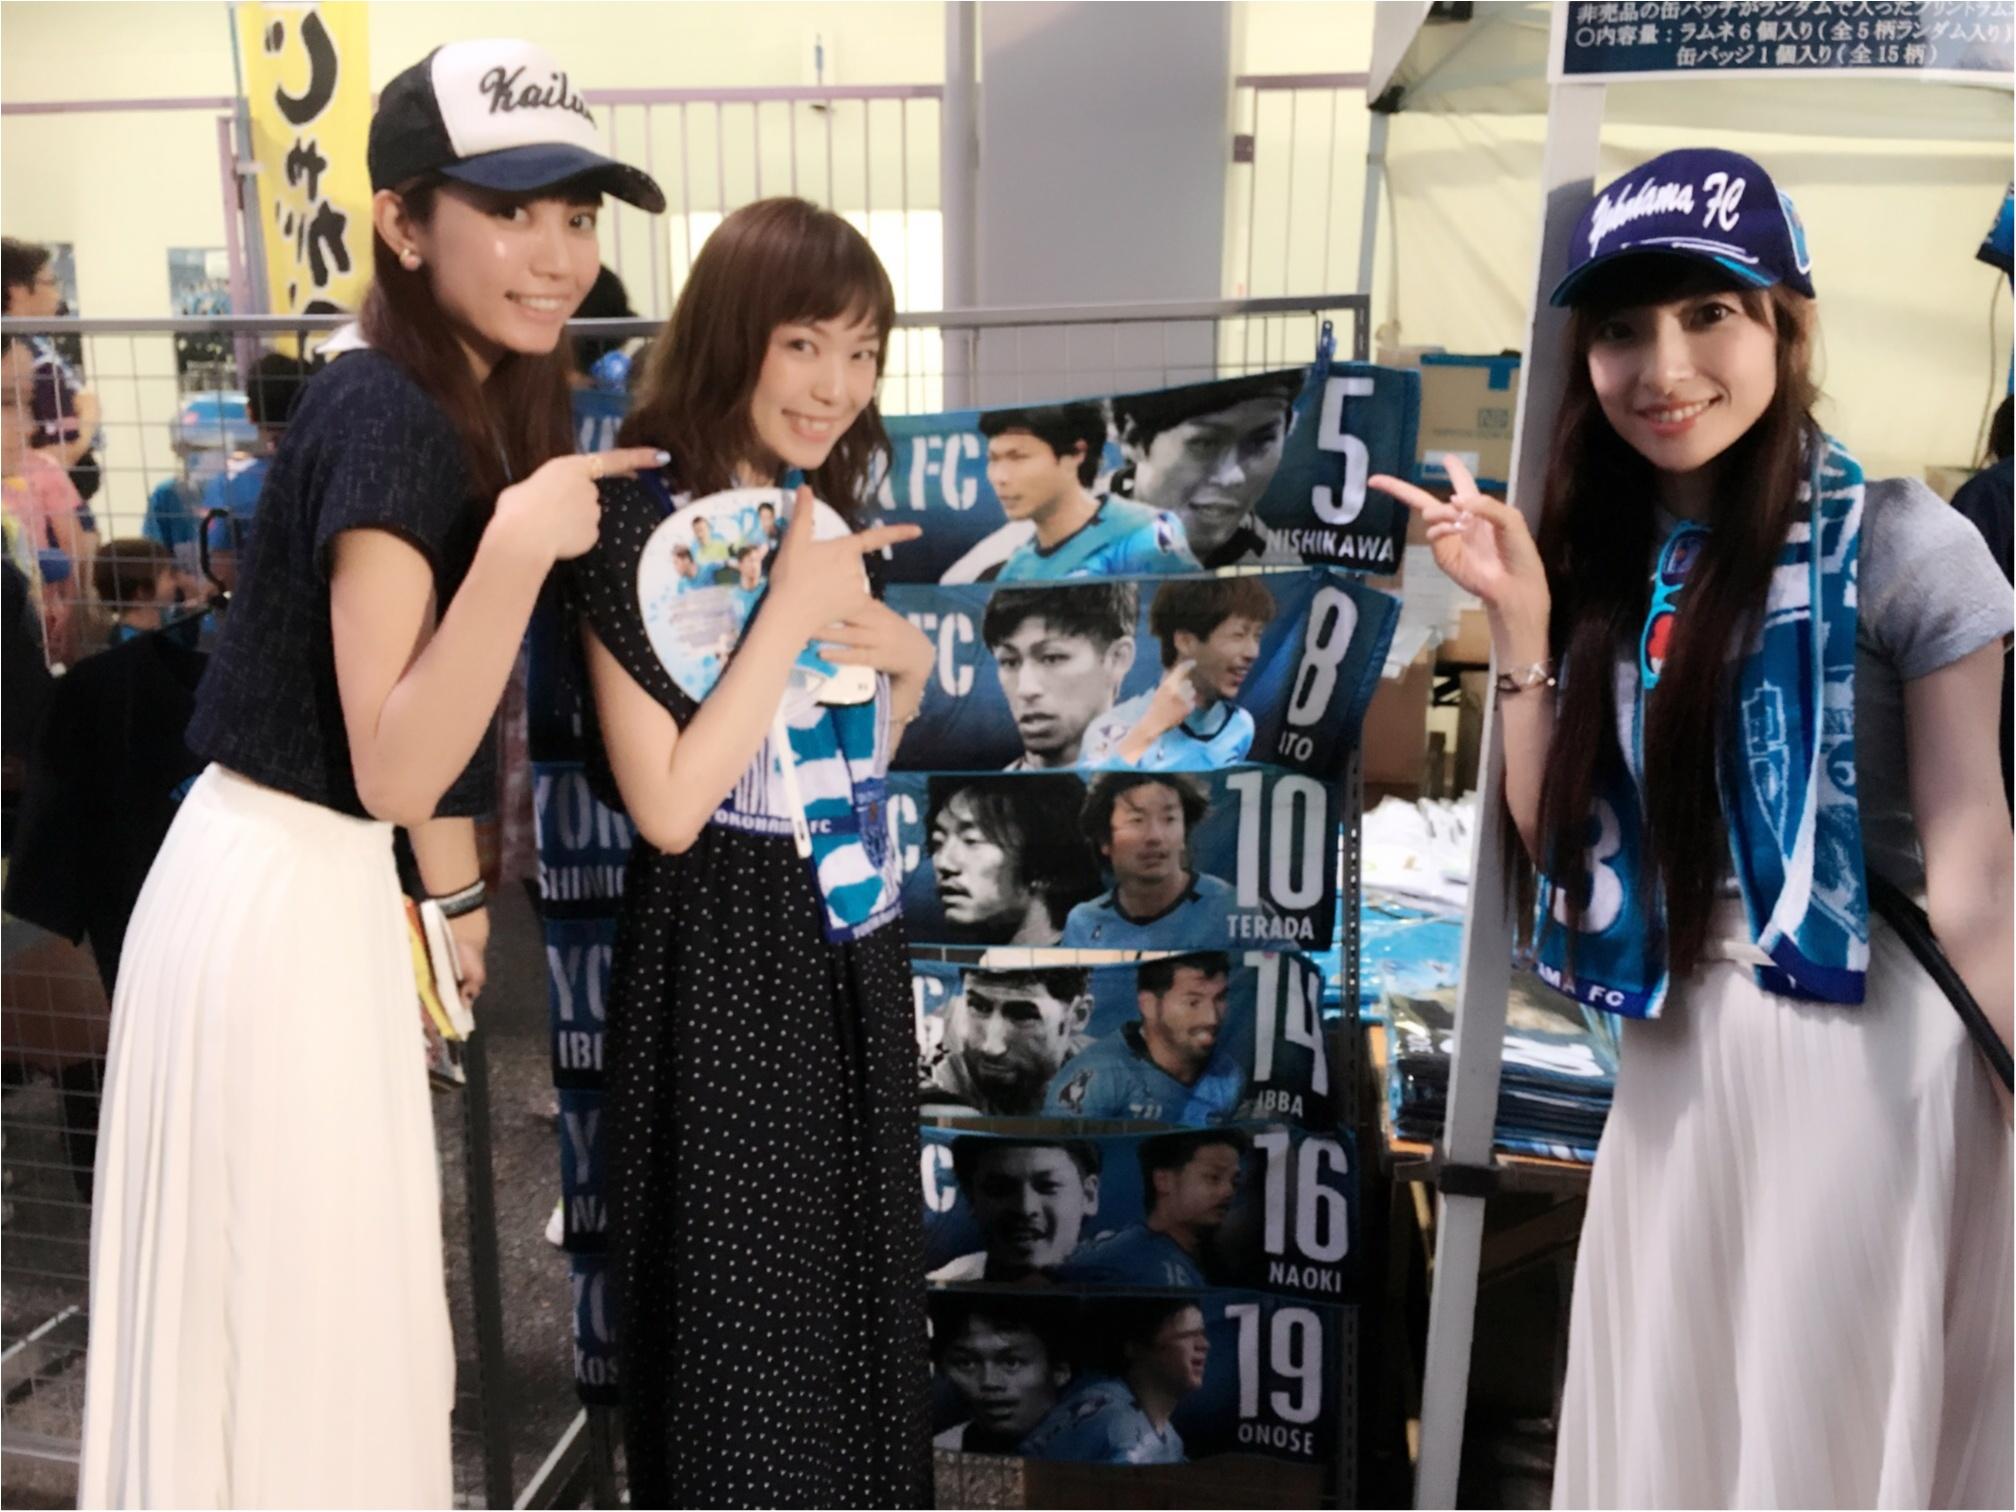 ♡サッカー観戦×モアハピ女子会(*>ω<*)‼︎【横浜FC】♡モアハピ◡̈のぞみ♡_4